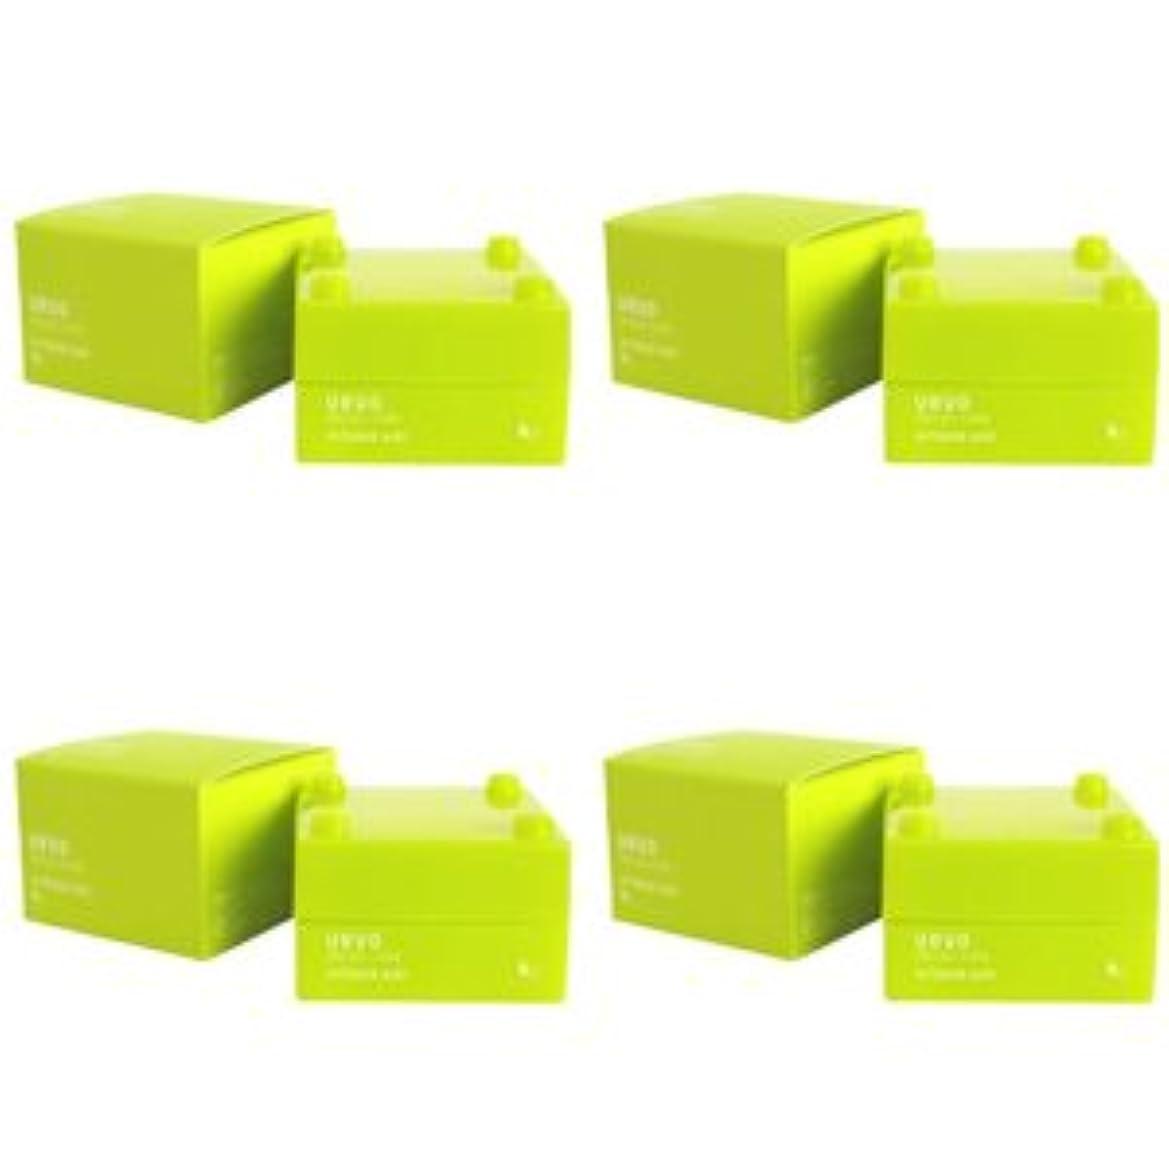 キャンセルマチュピチュ絶滅【X4個セット】 デミ ウェーボ デザインキューブ エアルーズワックス 30g airloose wax DEMI uevo design cube